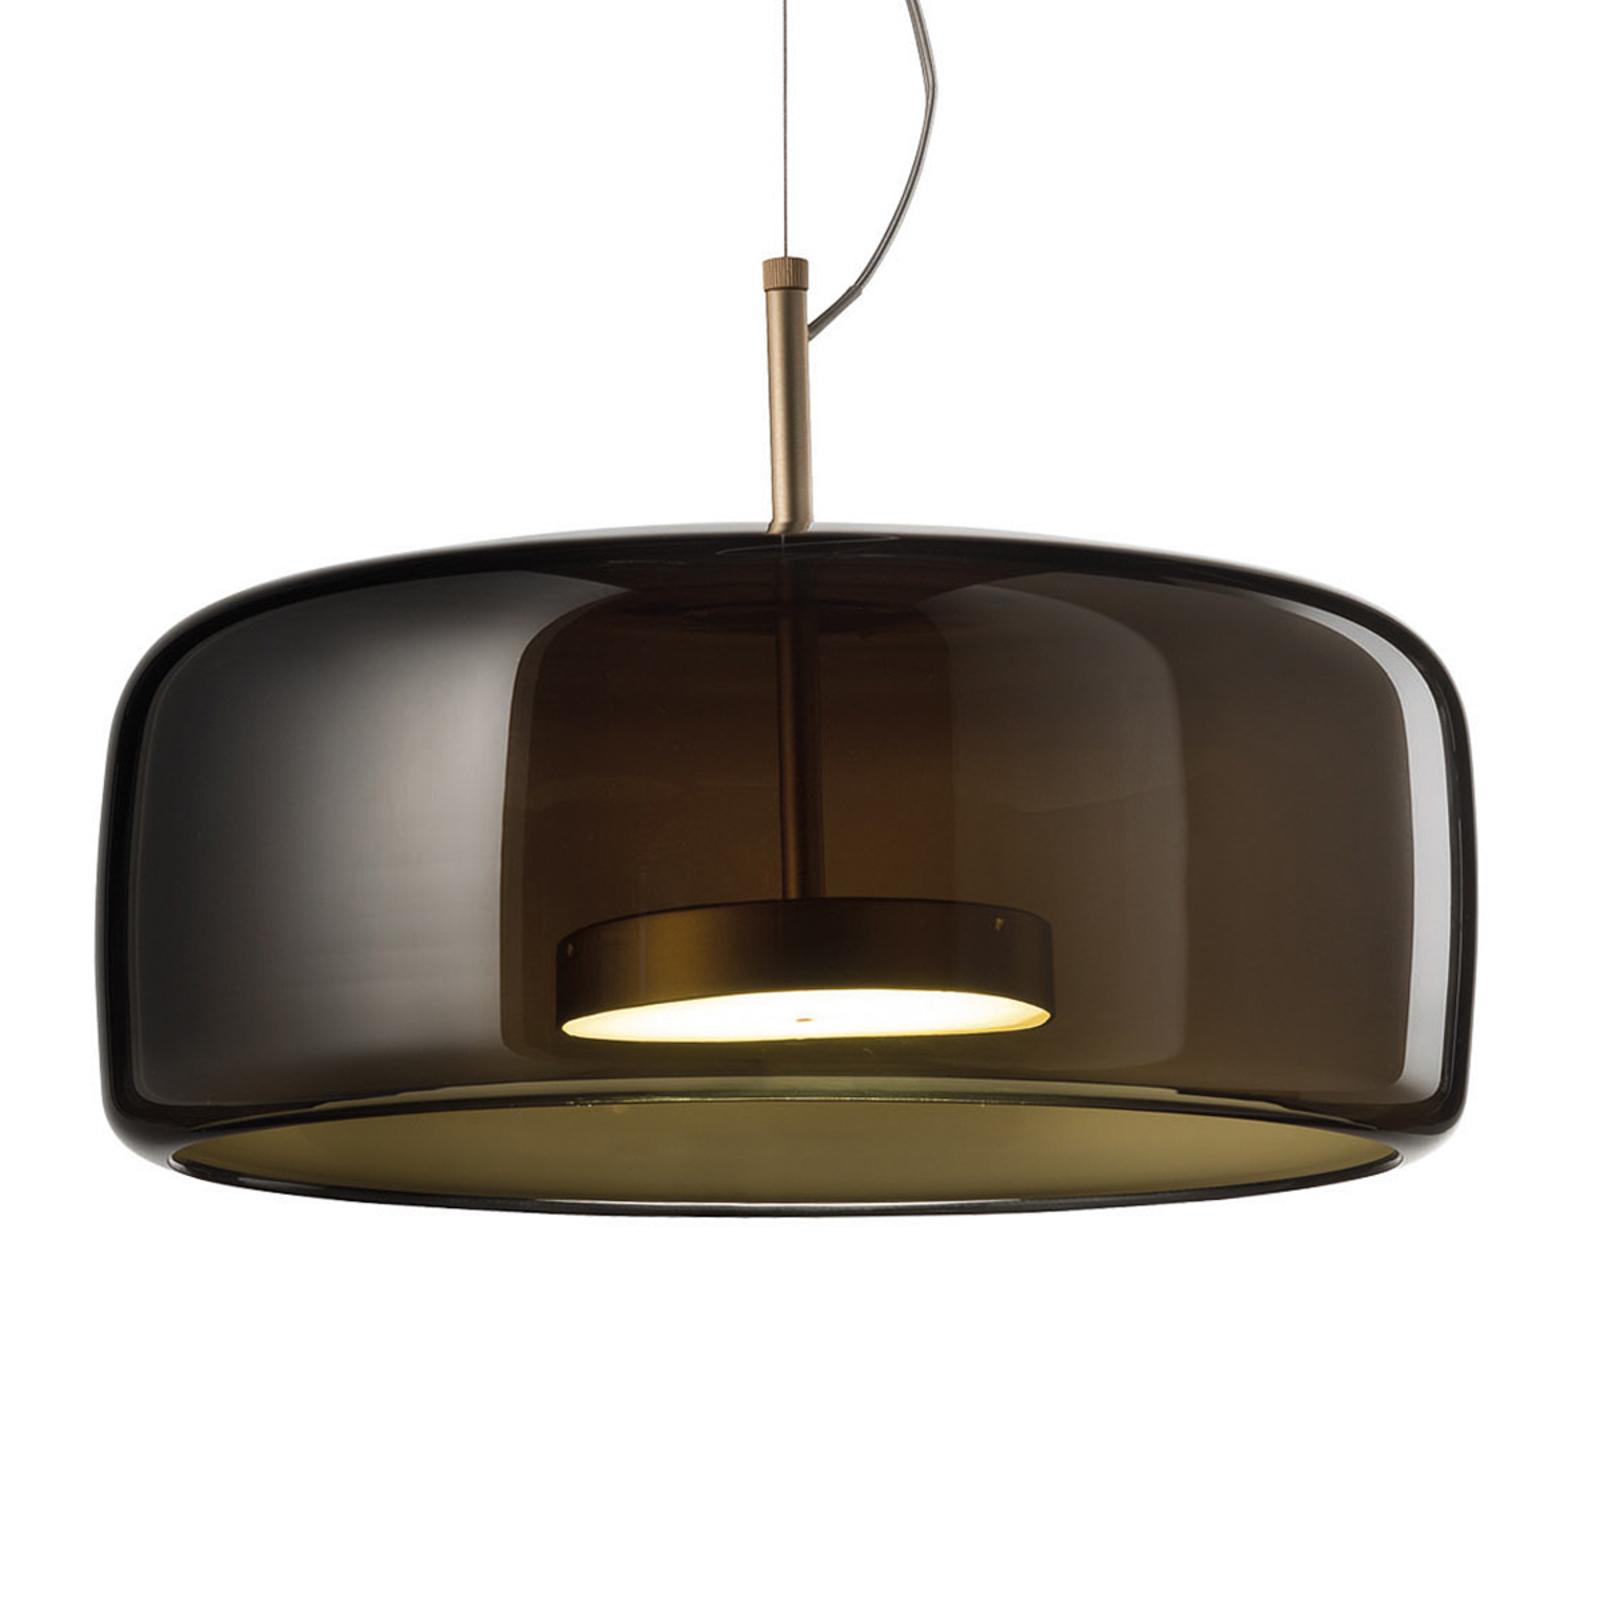 Jube LED-hængelampe SP 1 G, grøn glasskærm